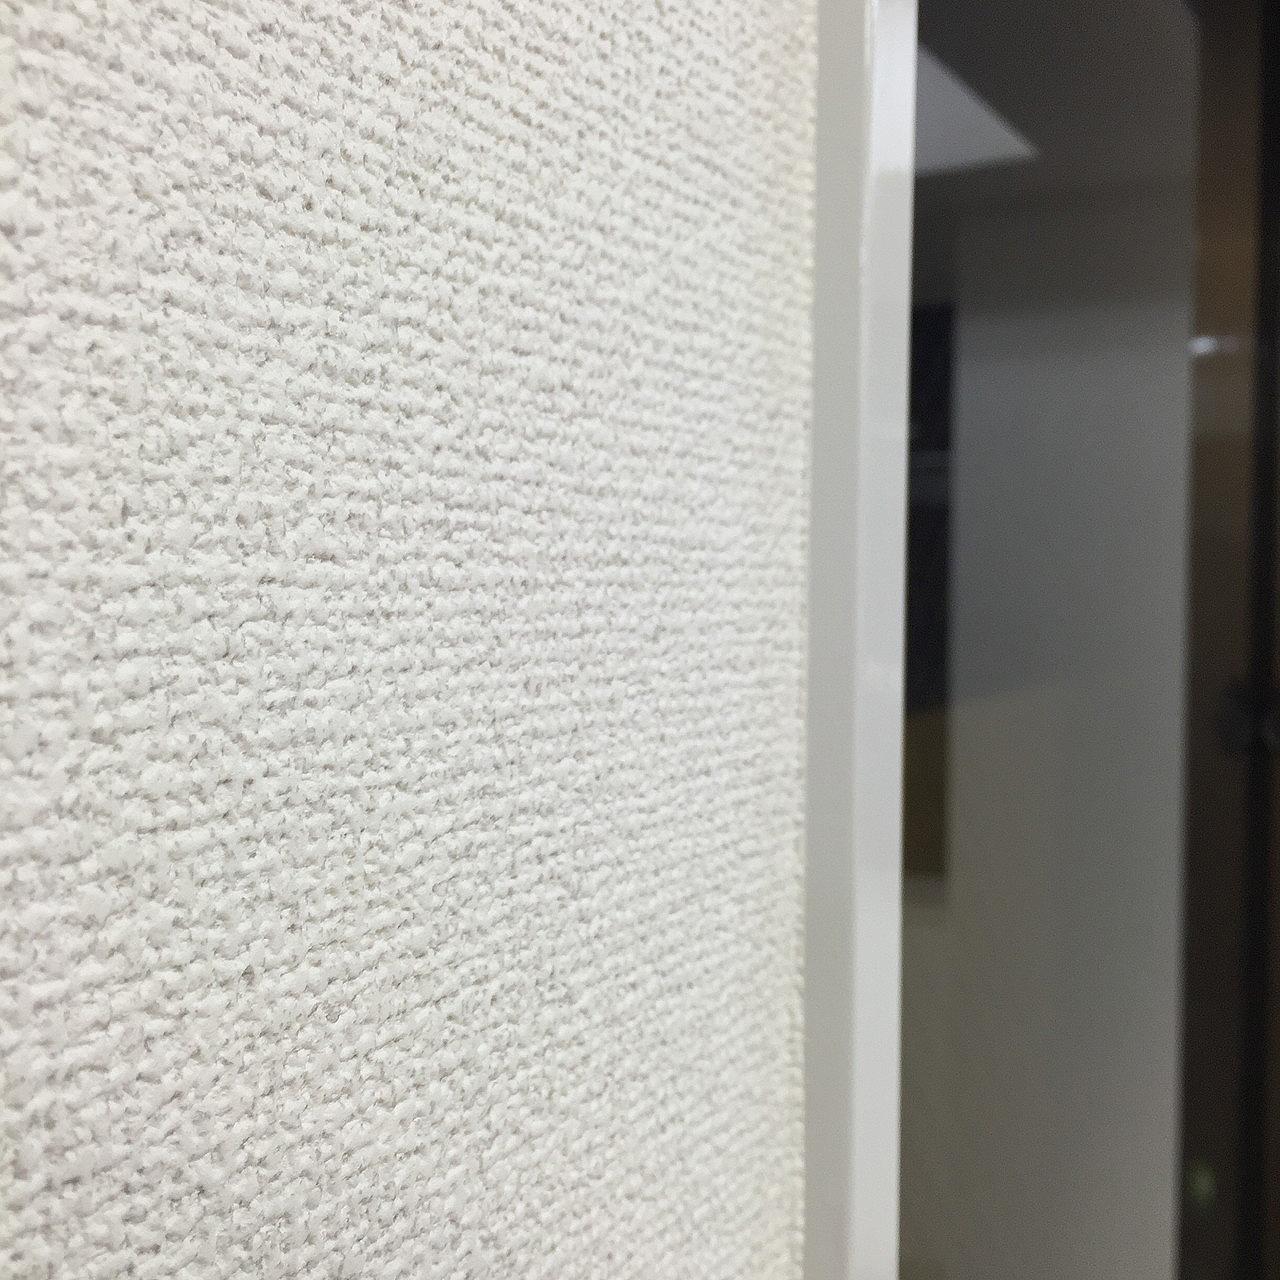 商業ビル壁紙拡大